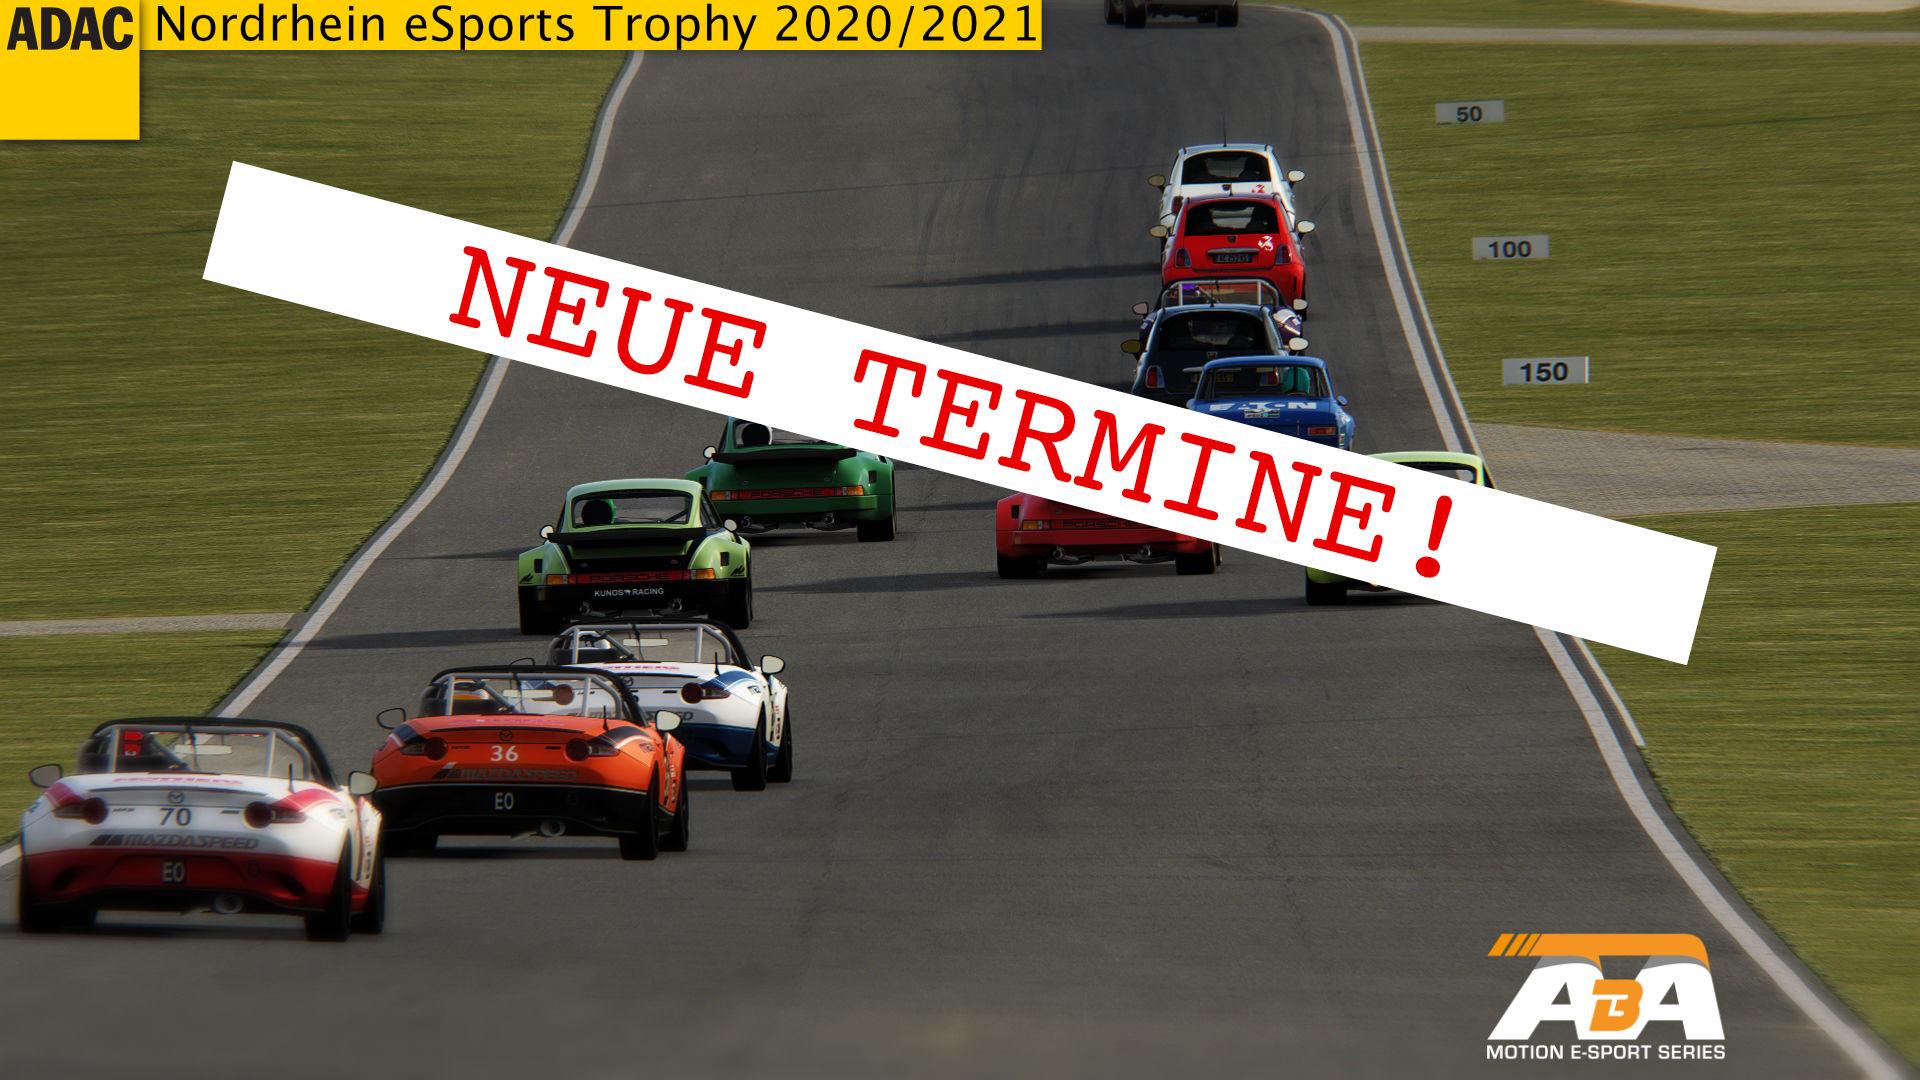 ADAC Nordrhein eSports Trophy 2020/2021